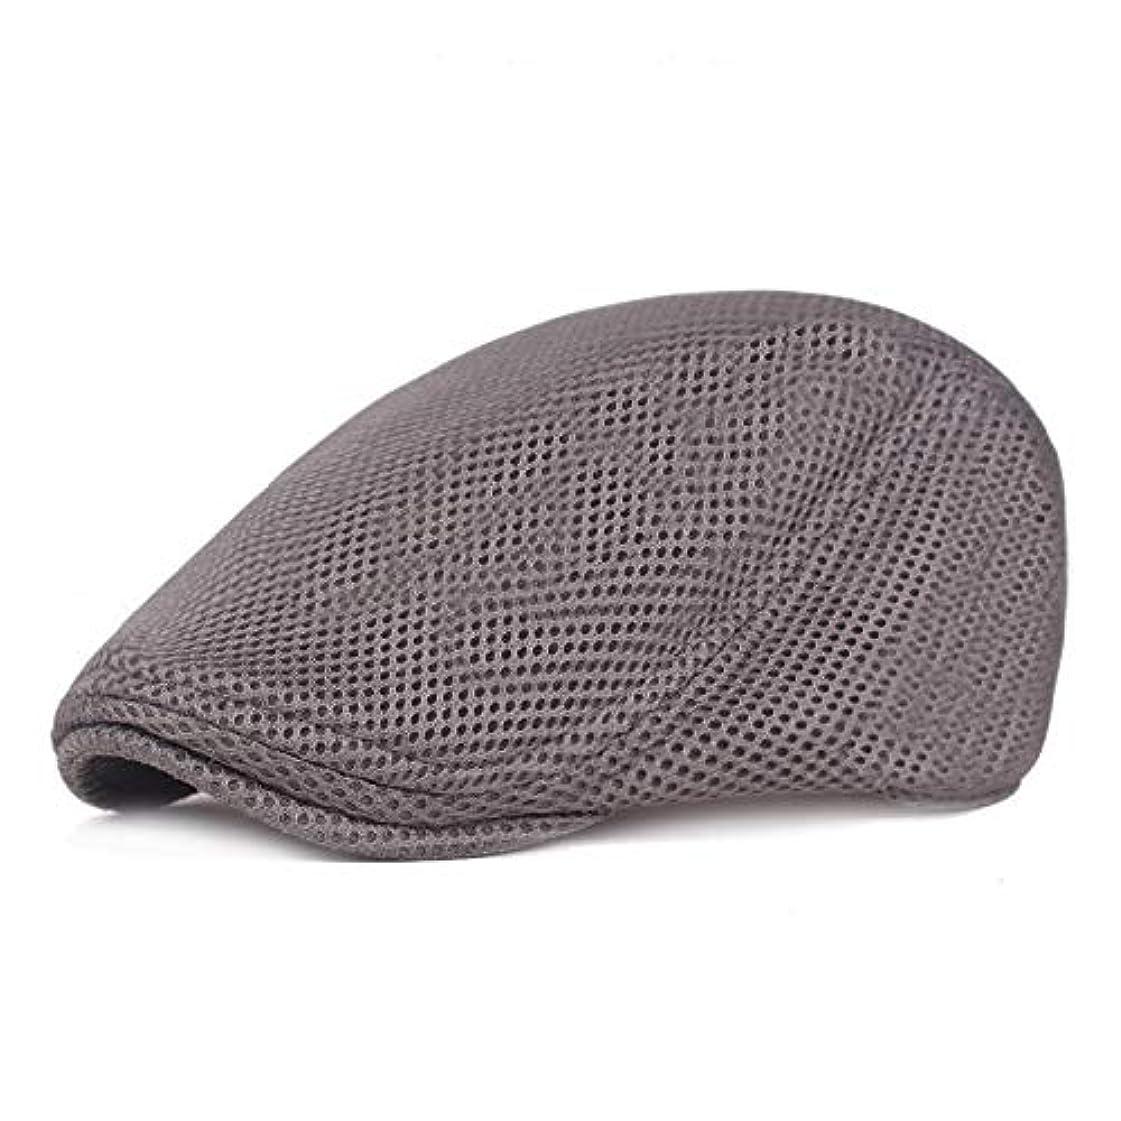 副産物古風な盟主メッシュ ハンチング キャップ 夏用 綿 ベレー帽 調整可能ワークキャップ アウトドアキャップ 男女兼用